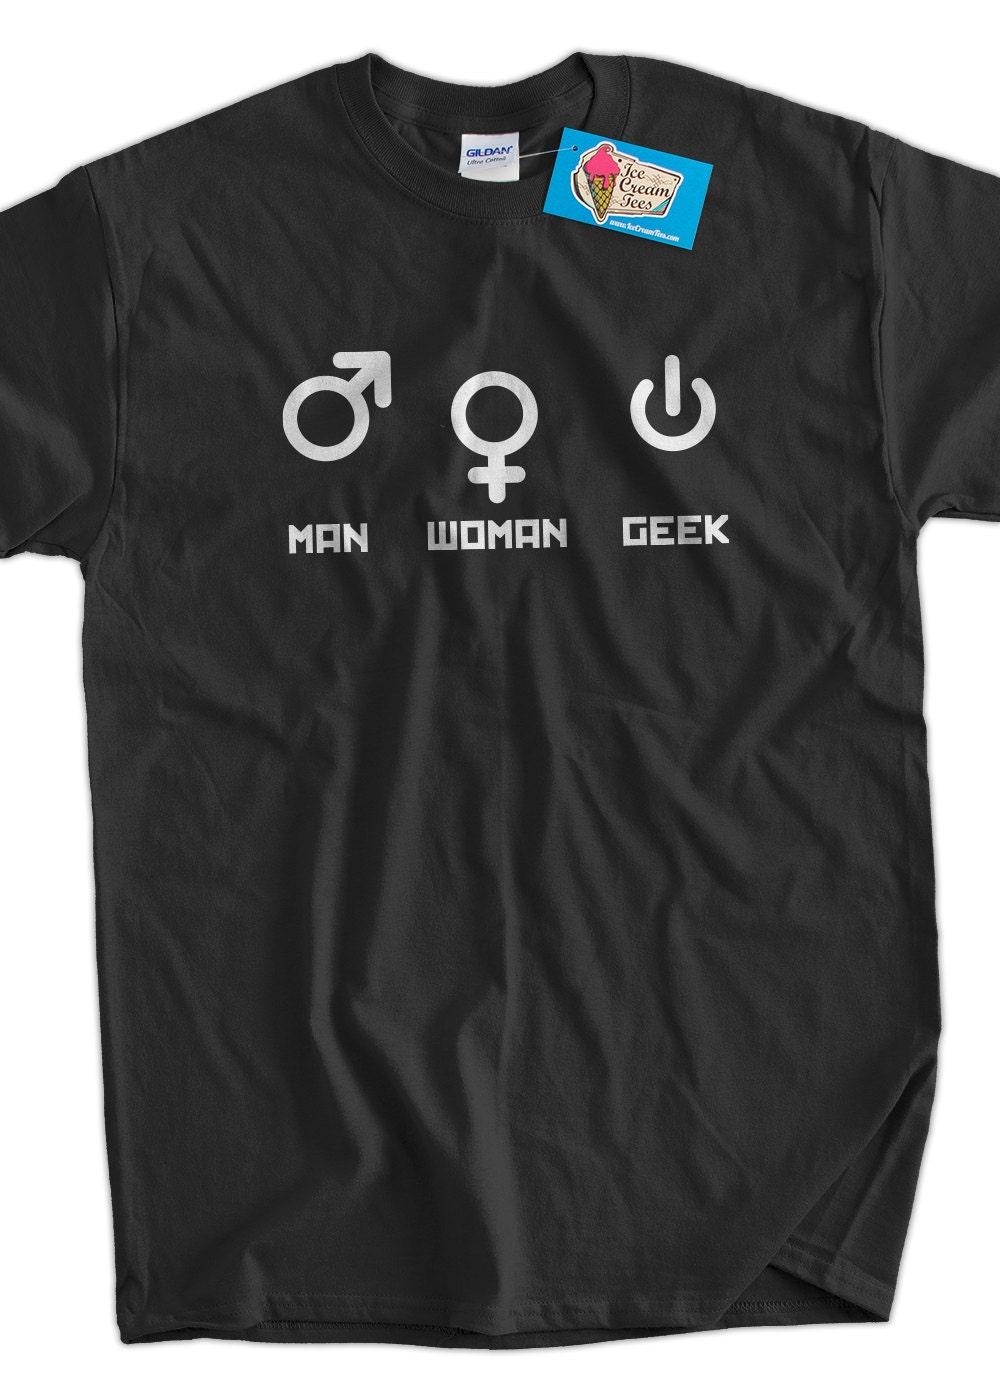 computer geek t shirt funny nerd man woman geek t shirt gifts. Black Bedroom Furniture Sets. Home Design Ideas